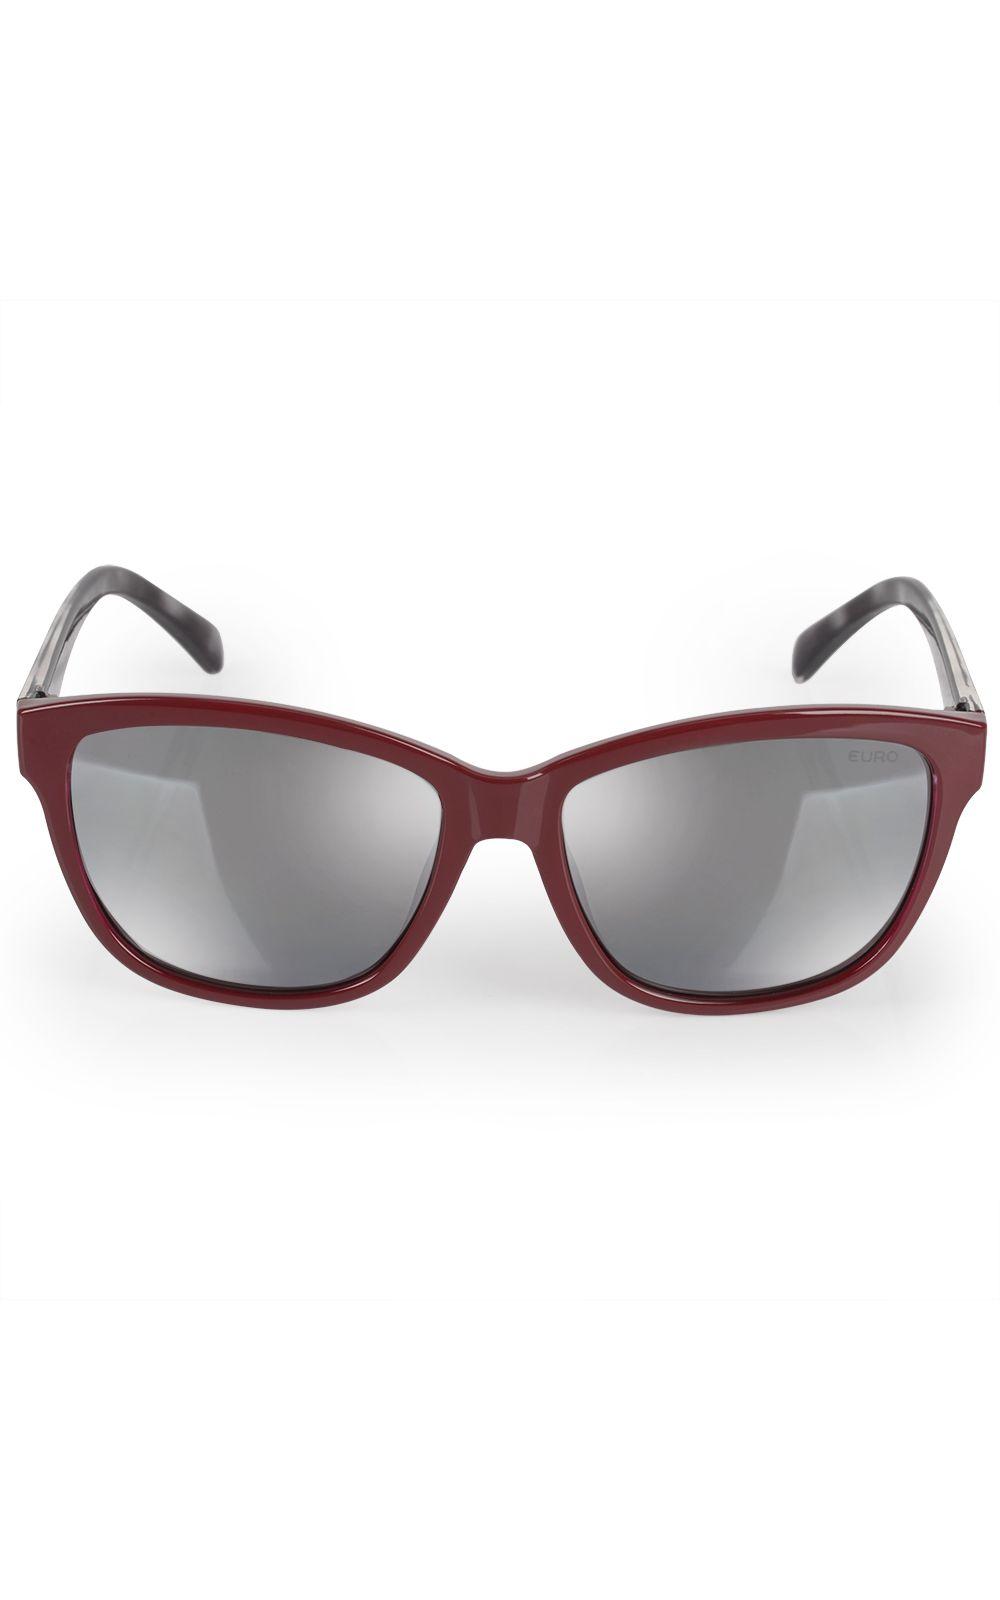 Foto 1 - Óculos Euro Feminino Quadrado Colors Vinho E0018C6309/4C